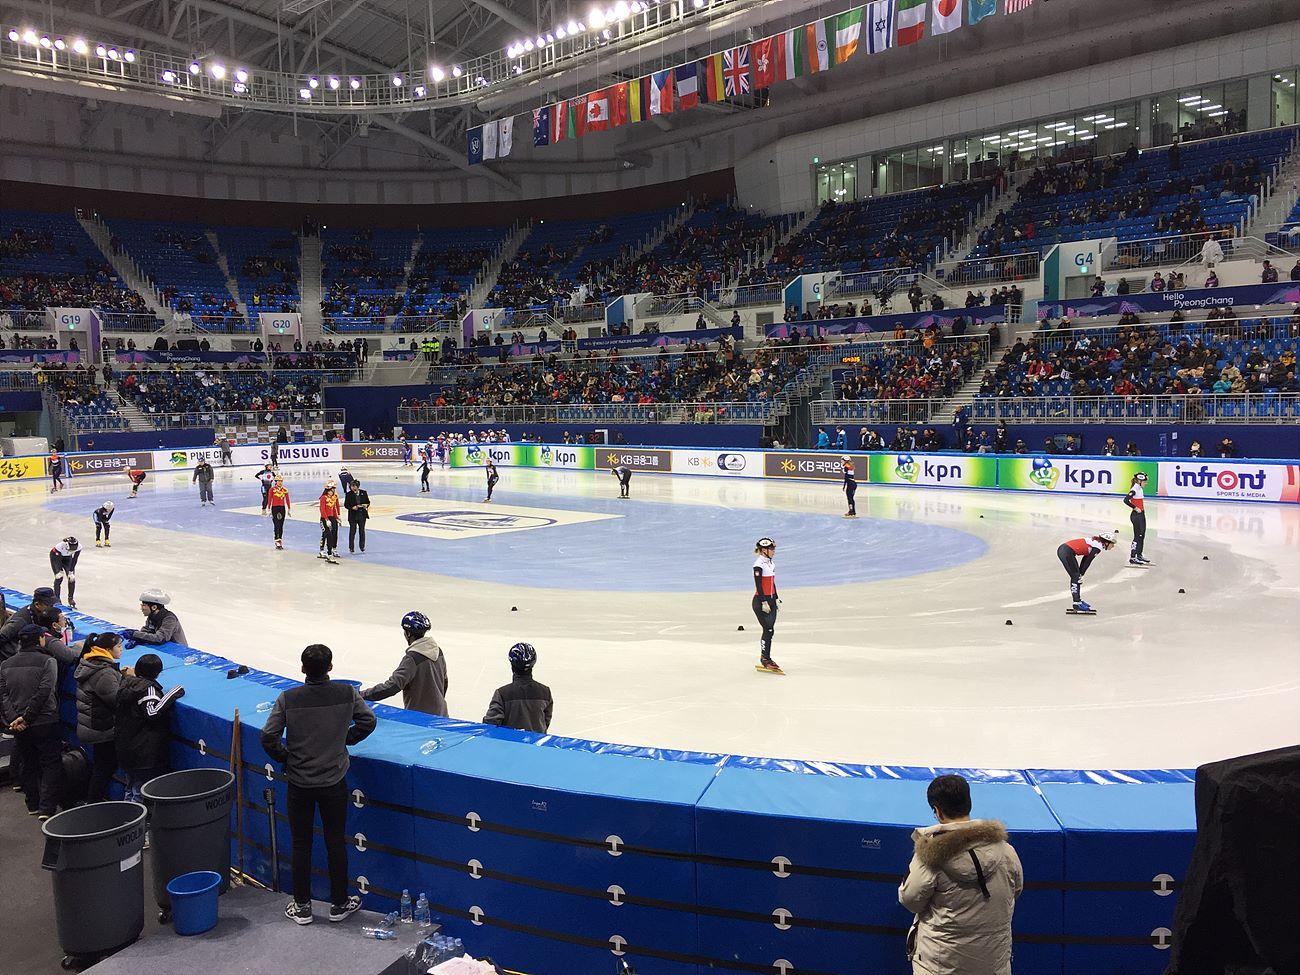 강릉 ISU 쇼트트랙 월드컵 생중계2